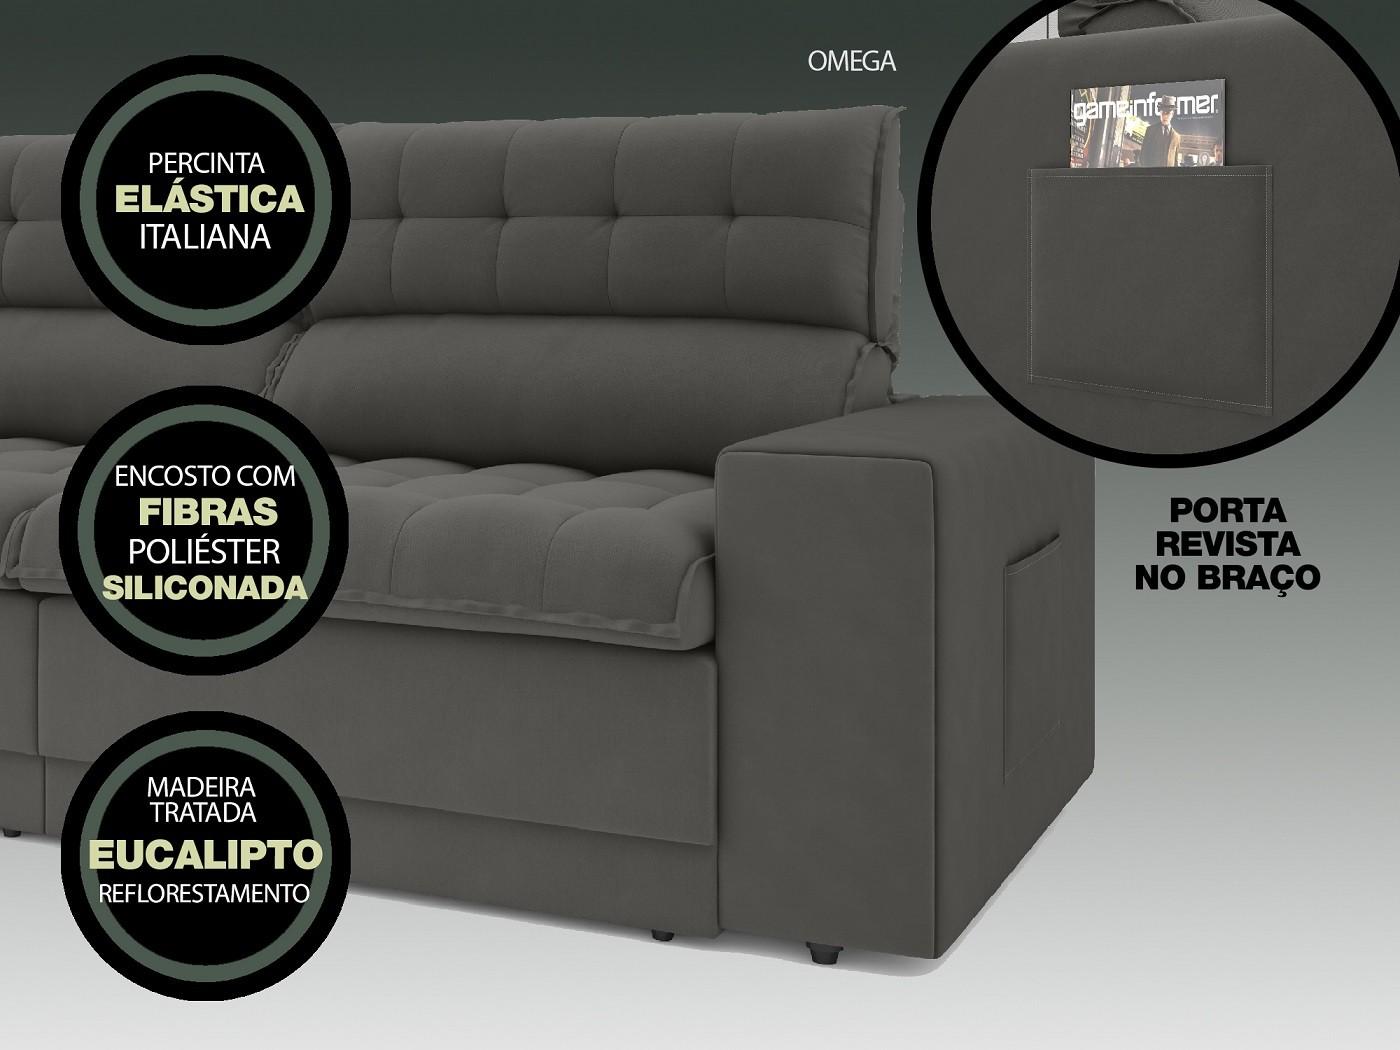 Sofá Omega 2,50m Assento Retrátil e Reclinável Velosuede Cinza - NETSOFAS  - NETSOFÁS